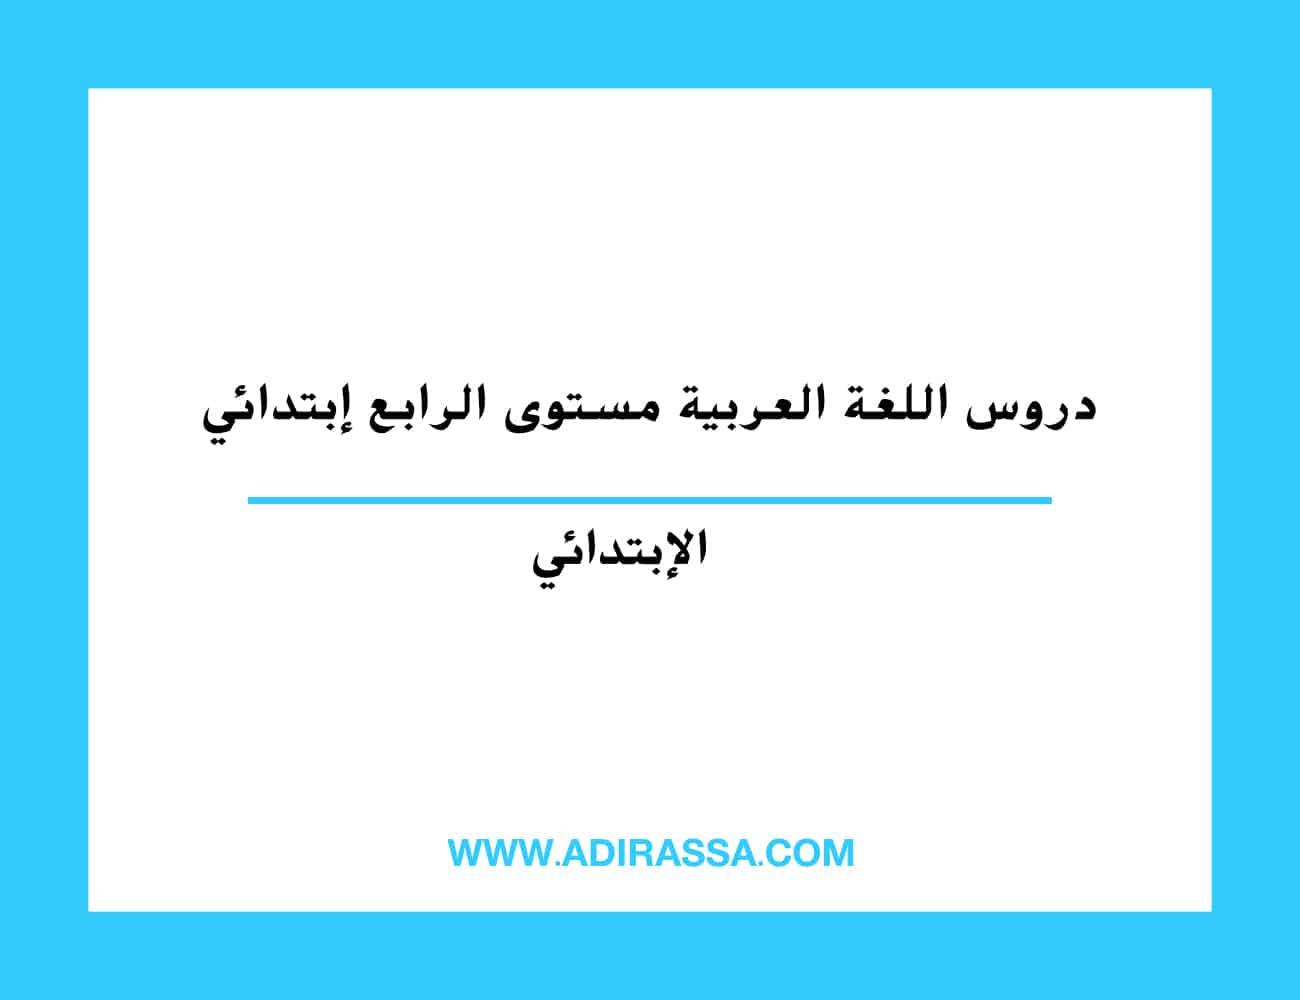 دروس اللغة العربية الرابع ابتدائي المقررة بالمدرسة المغربية